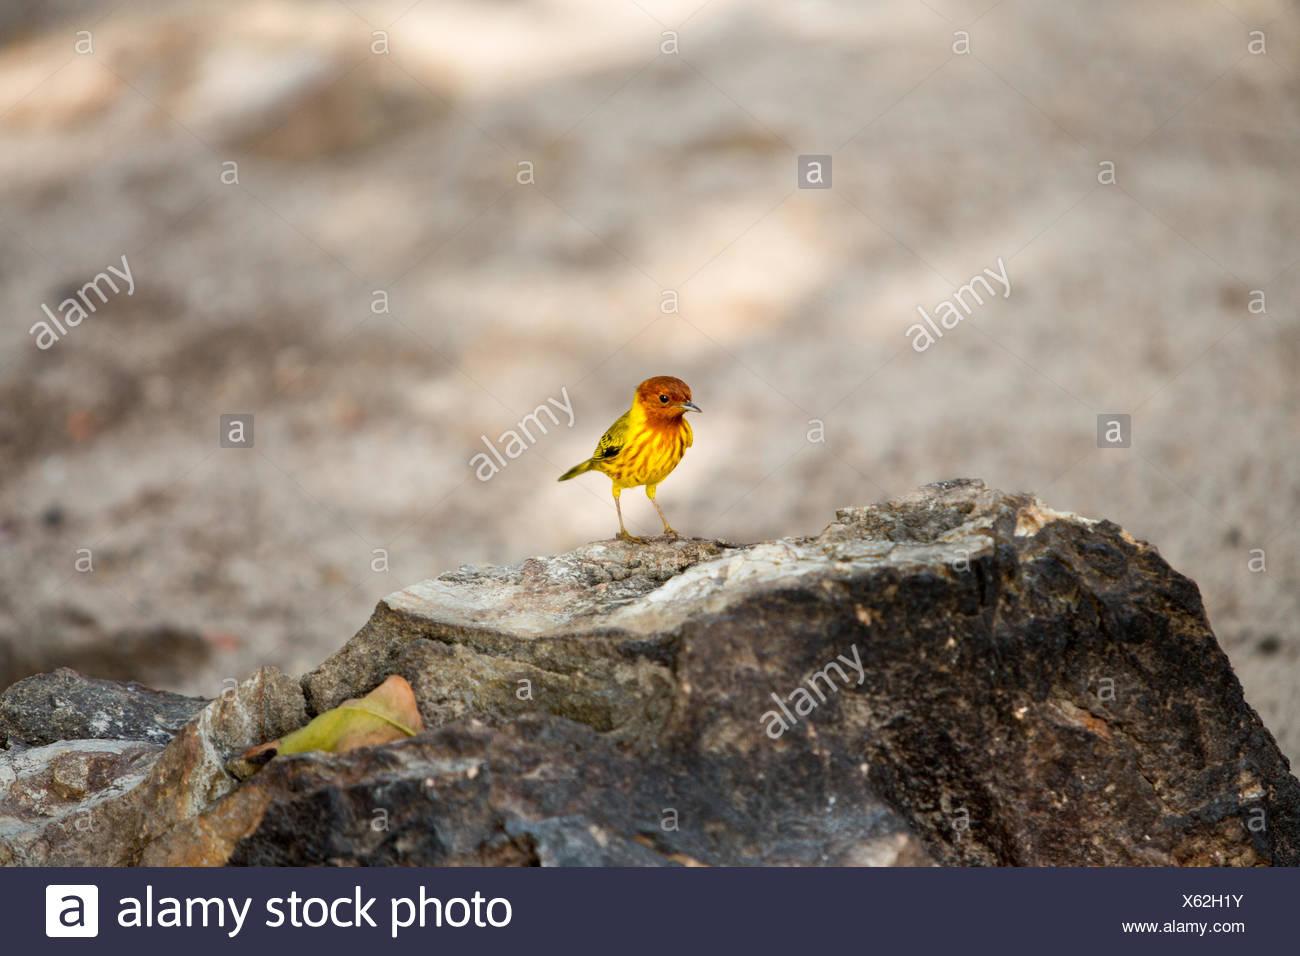 Auf der Insel, Isla Iguana iguana, eine Unterart ist oben auf einem Felsen thront. Stockbild